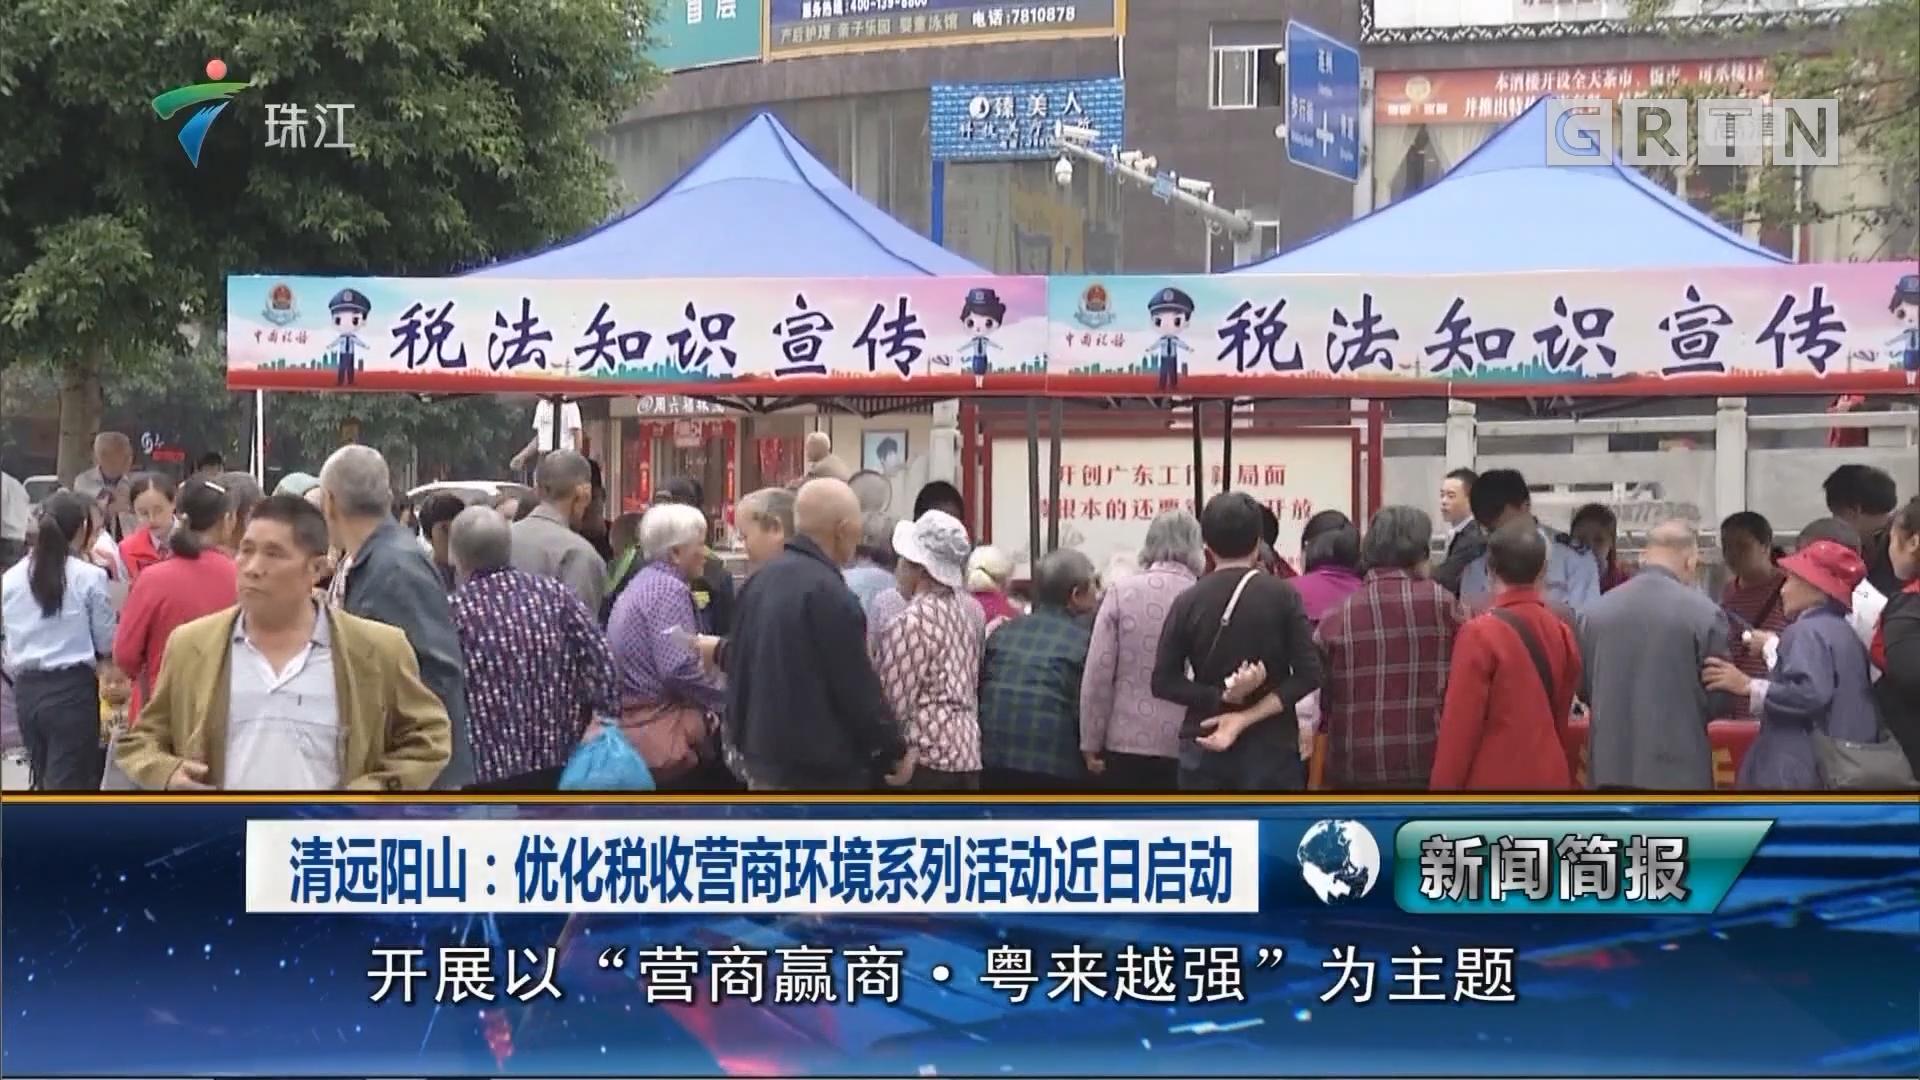 清远阳山:优化税收营商环境系列活动近日启动